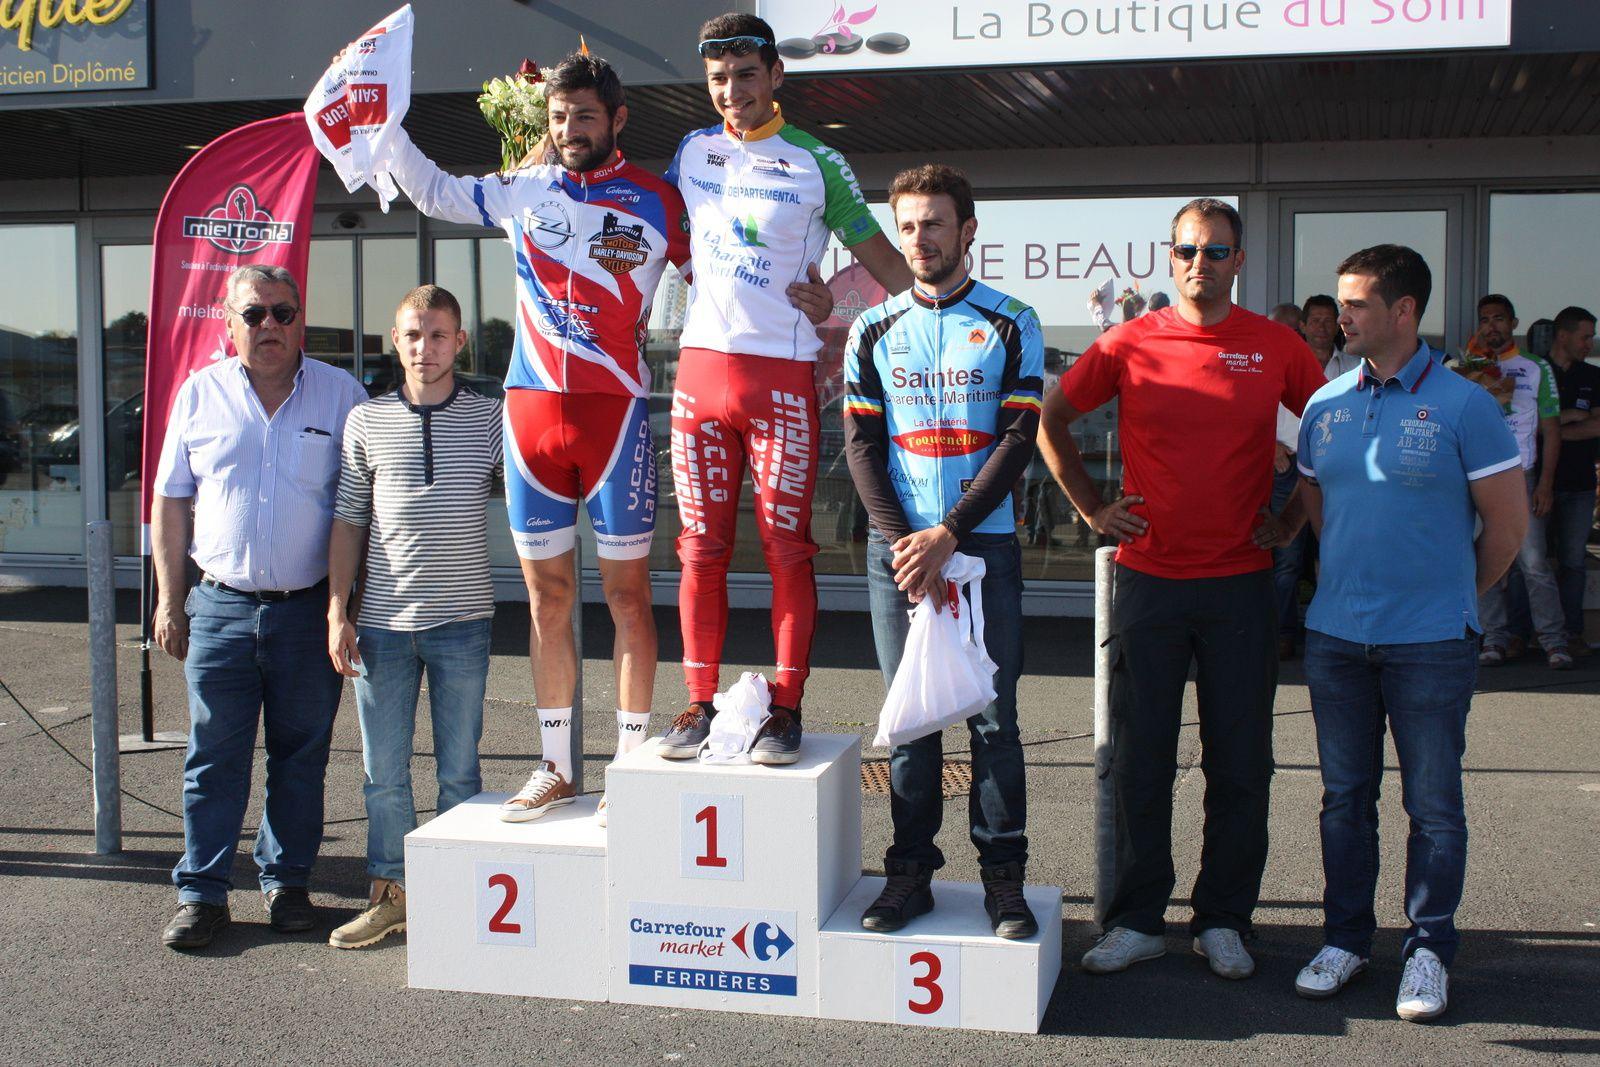 Le  podium  des  2e  catégorie